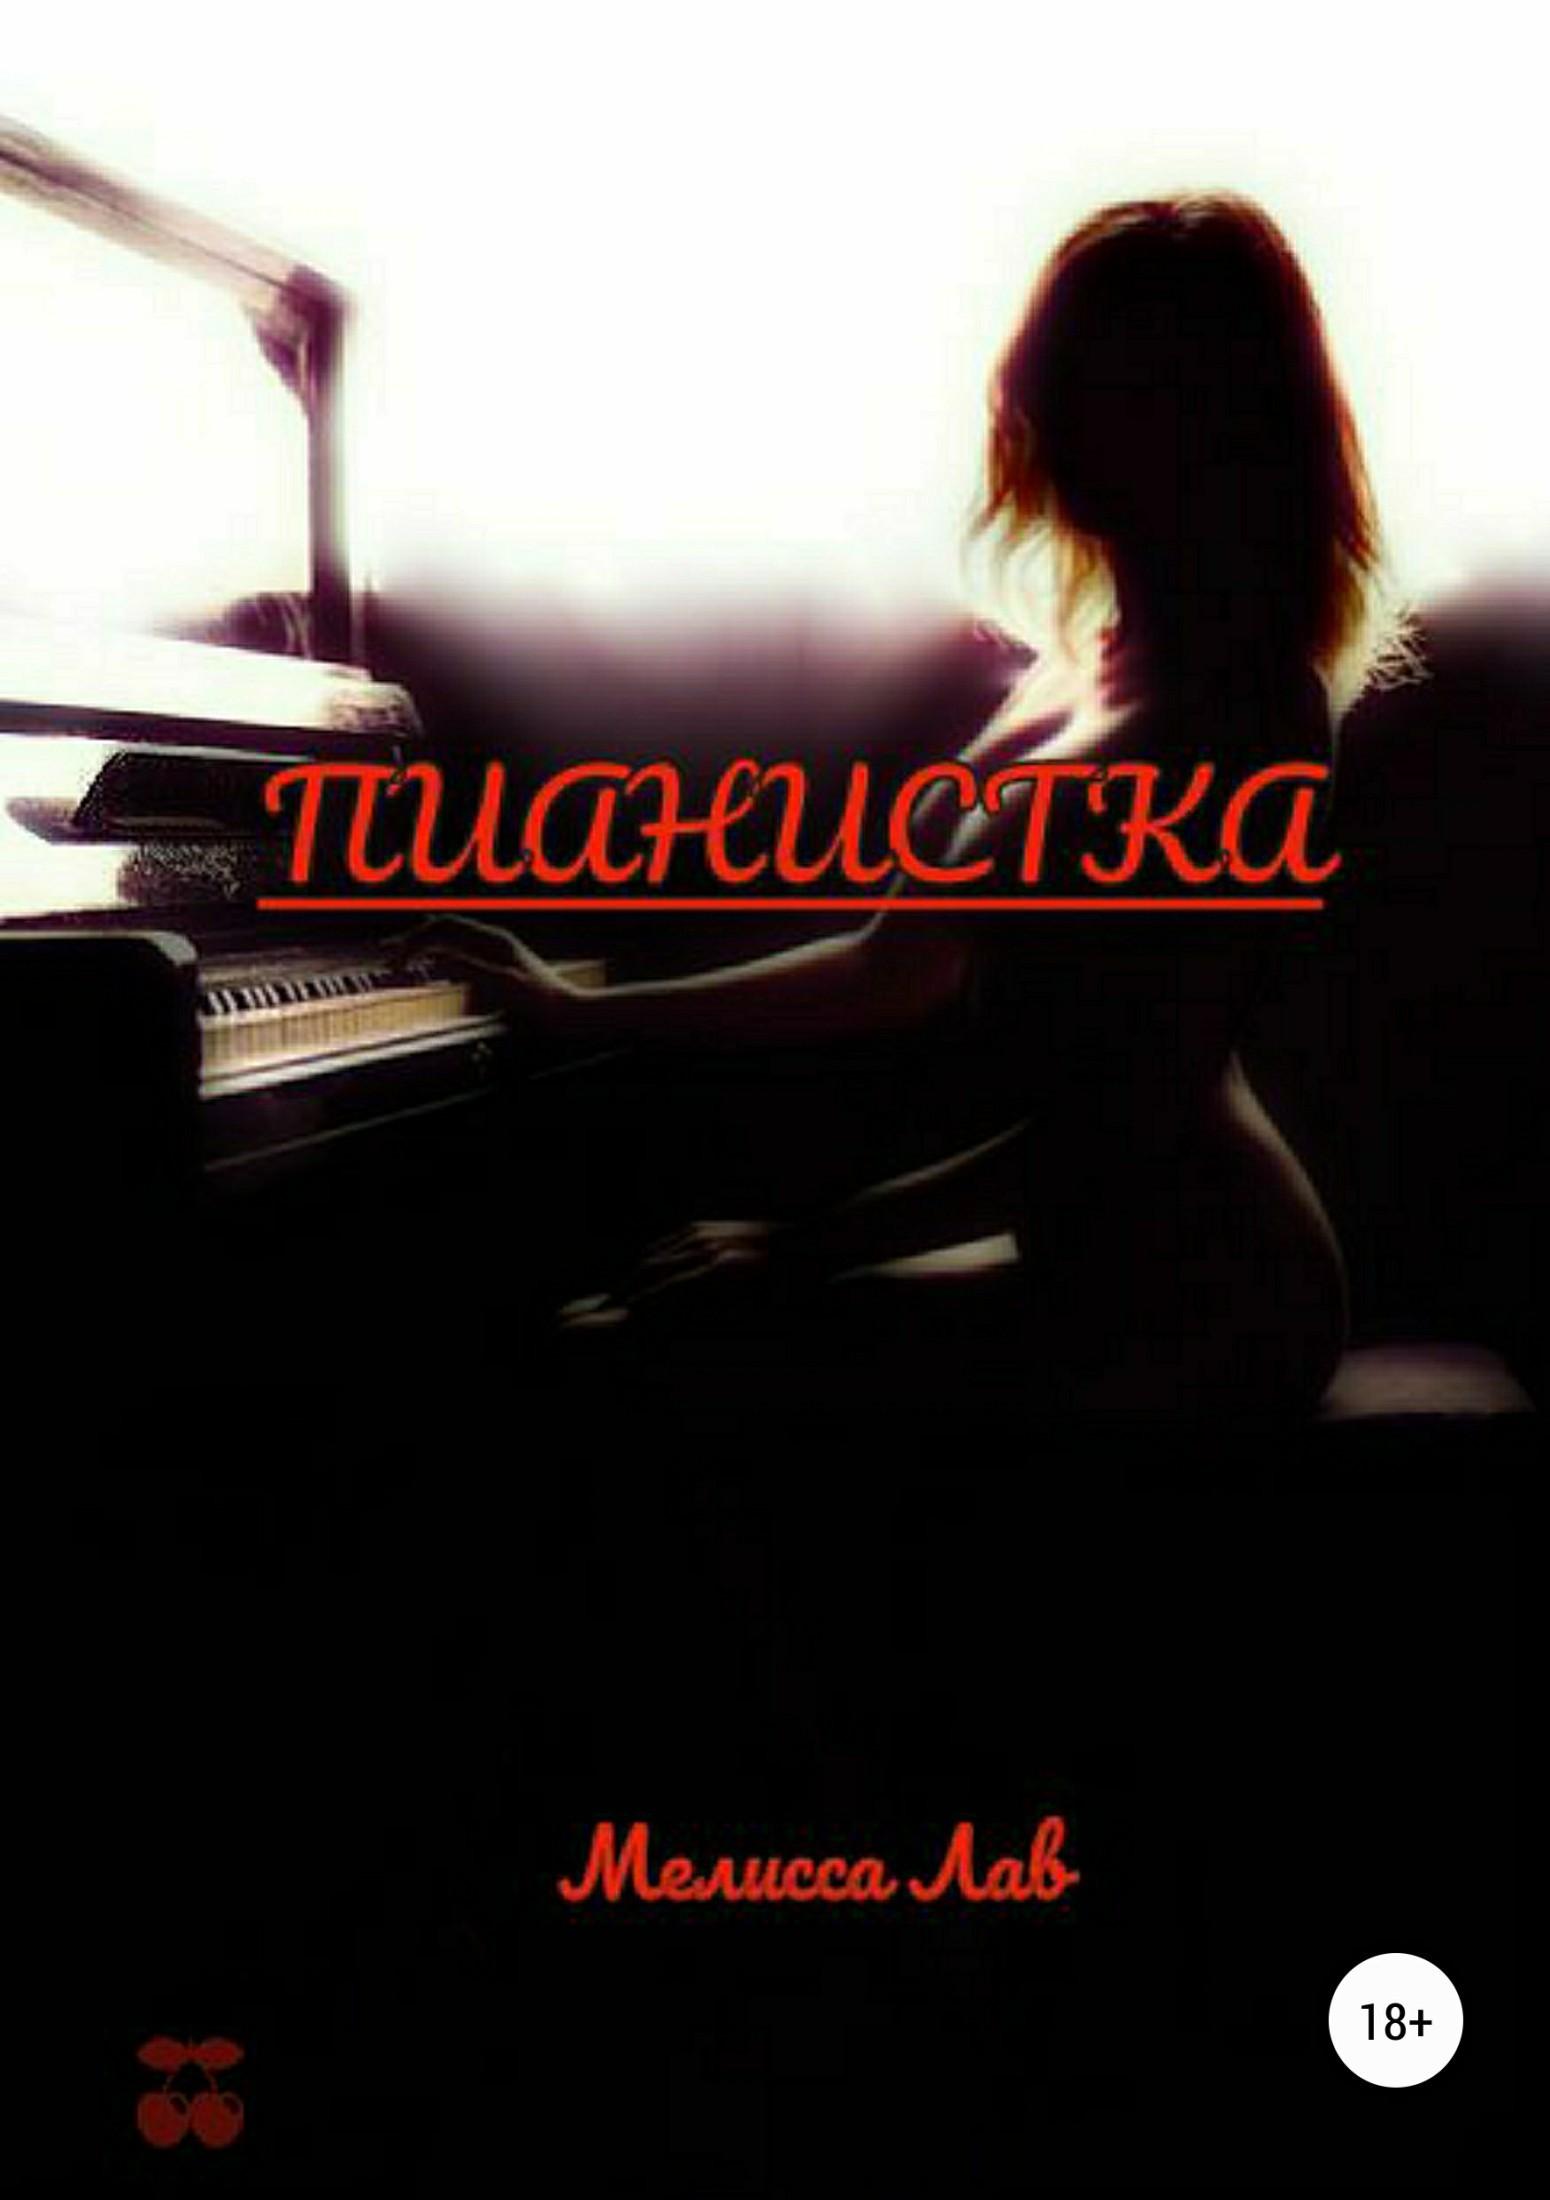 Мелисса Лав - Пианистка